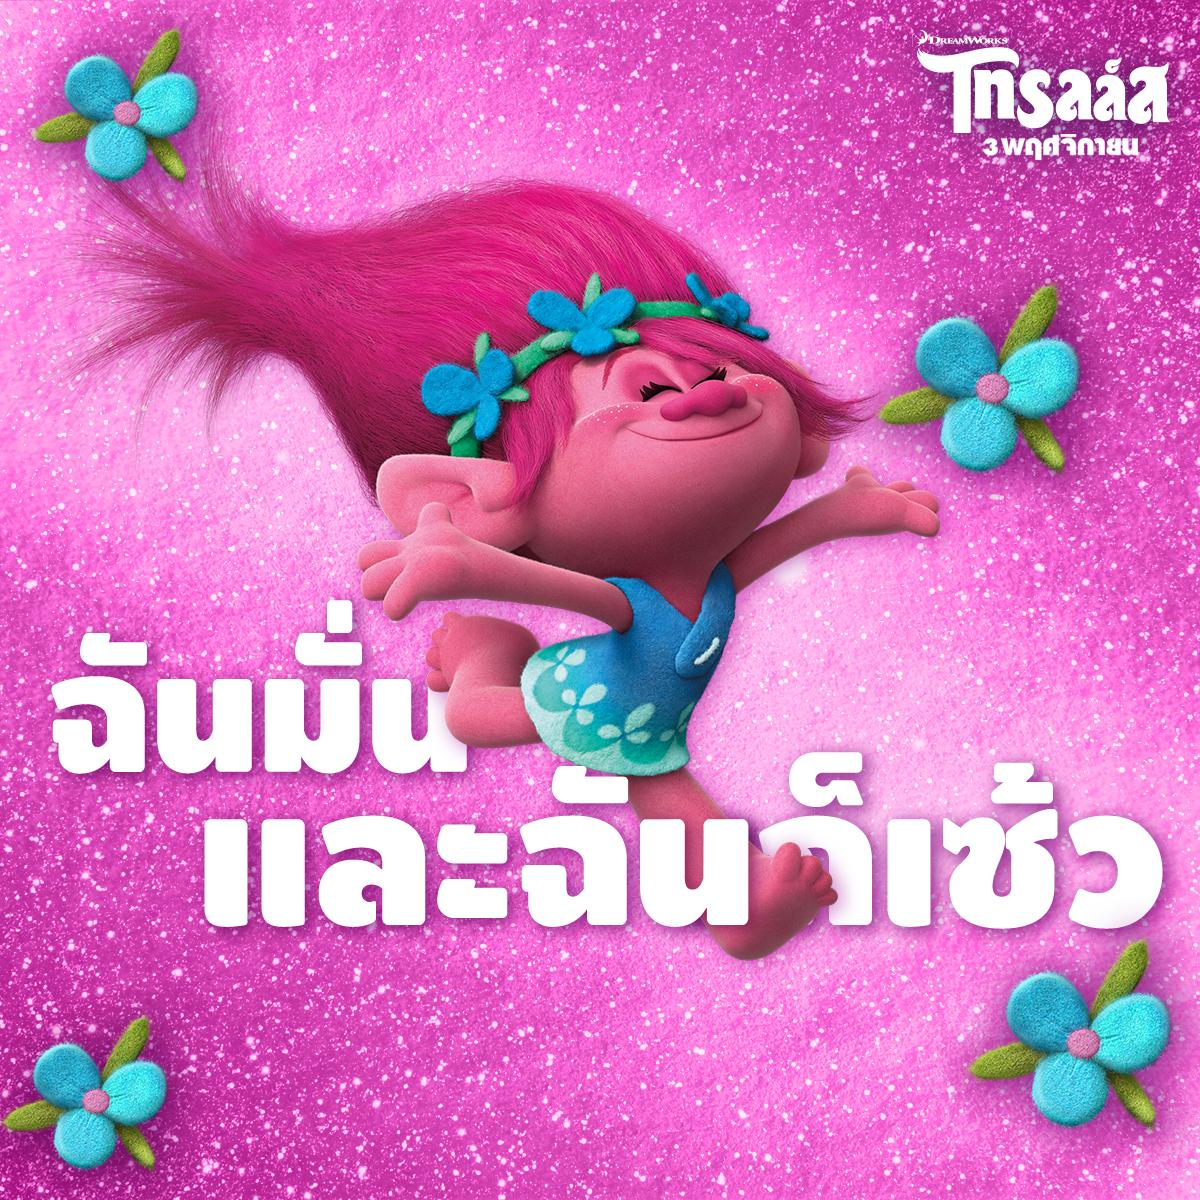 สนุกสนานไปกับเพลง Hair Up จากเสียงร้องของสามนักแสดงผู้ให้เสียงใน Trolls3 พฤศจิกายนนี้ ในโรงภาพยนตร์